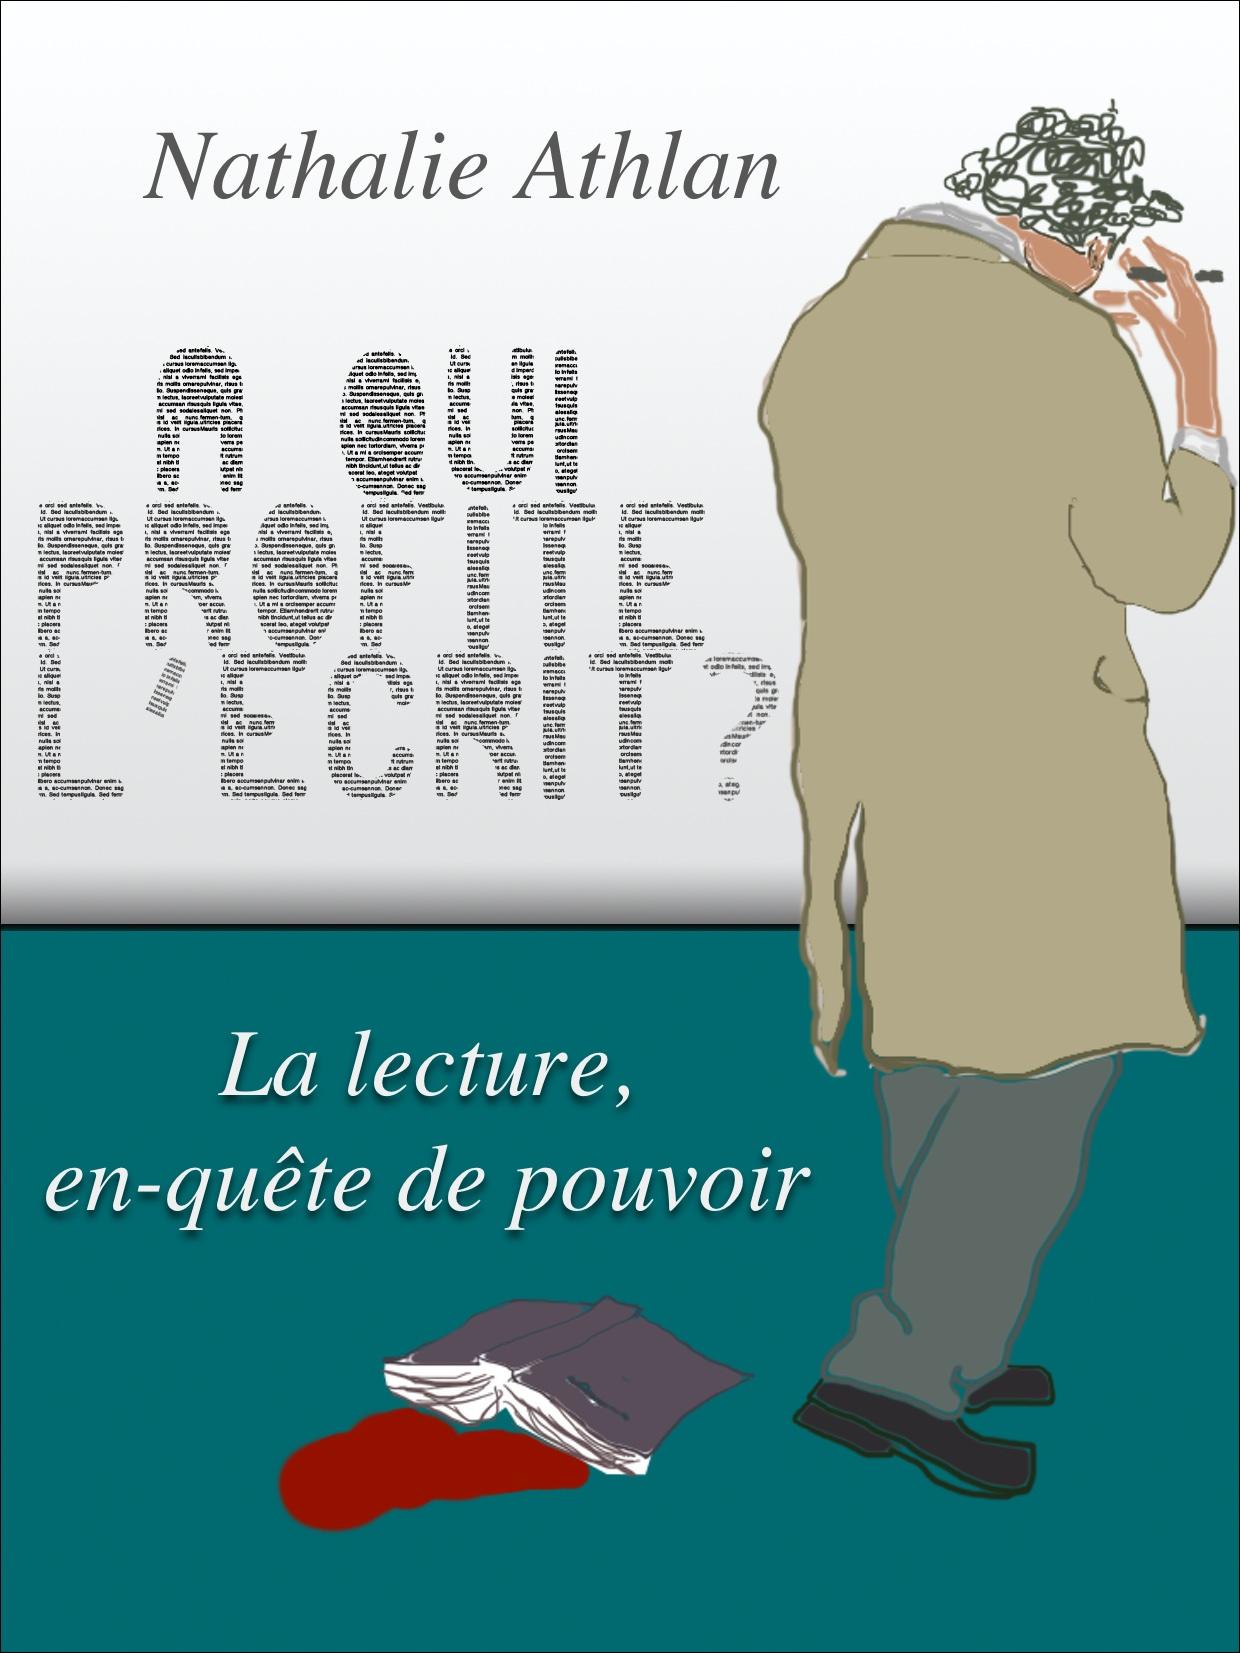 Affiche Nathalie (JPG)